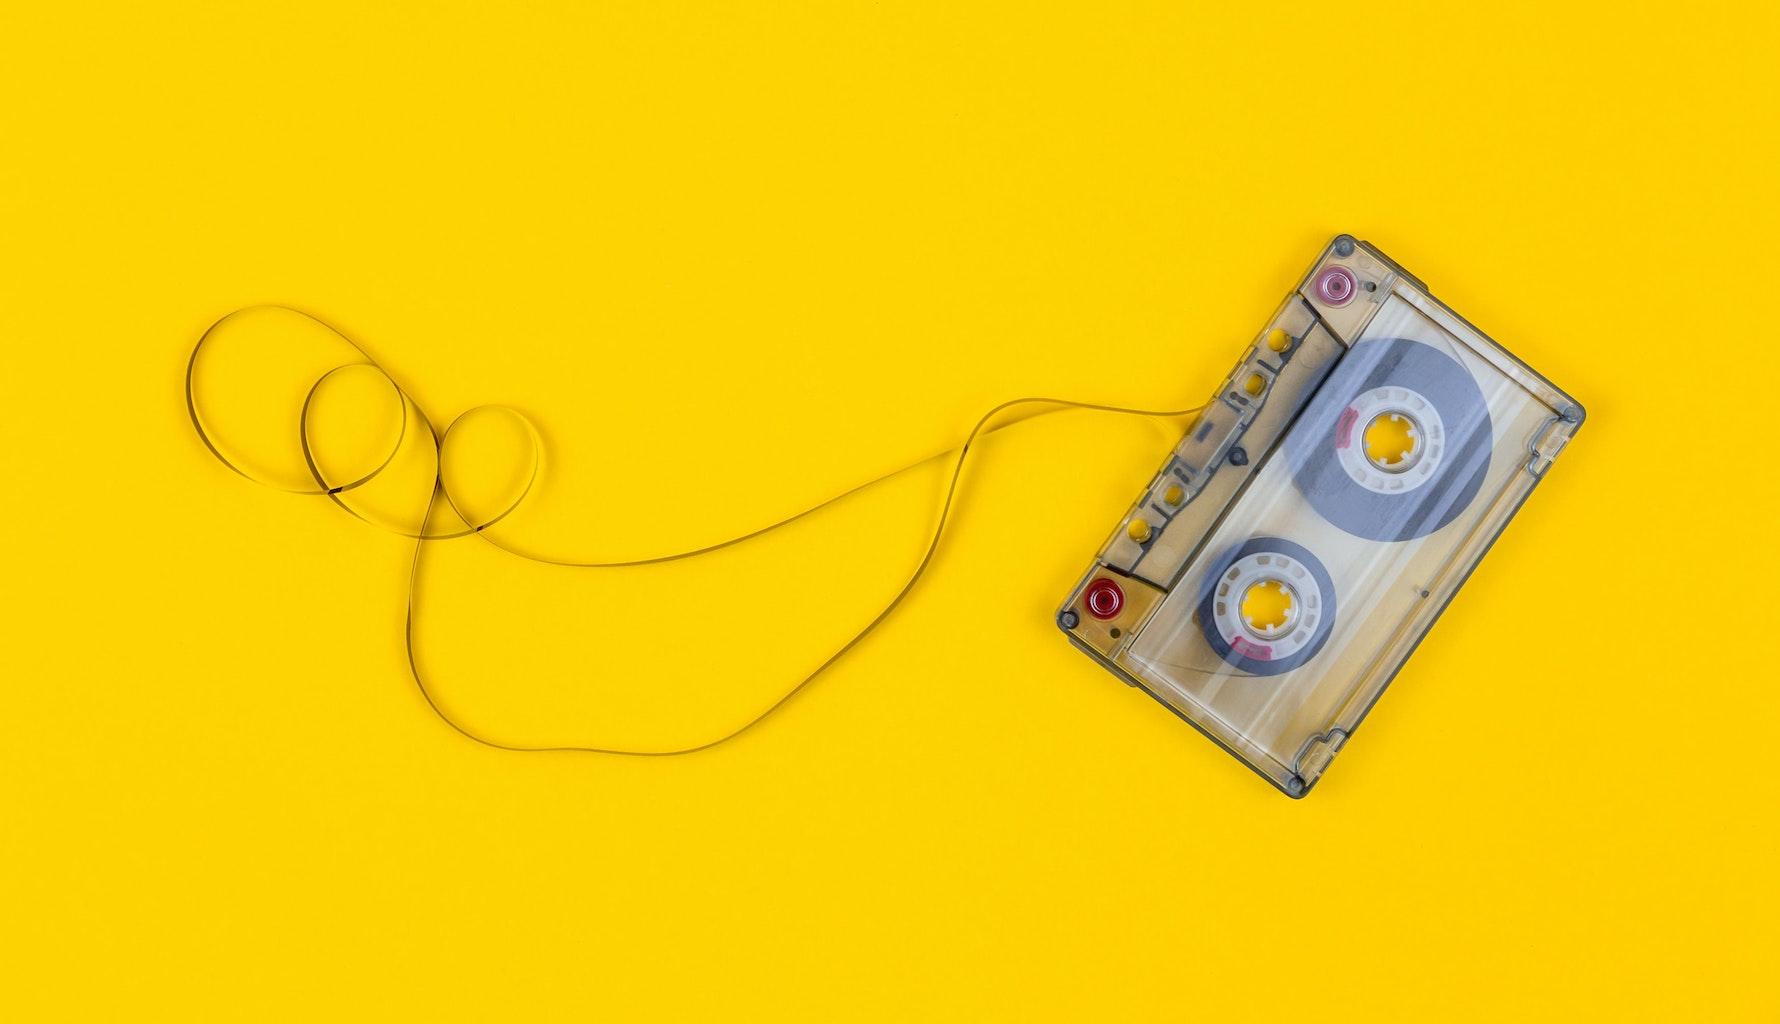 4 épisodes du podcast de Tim Ferriss à écouter sans modération